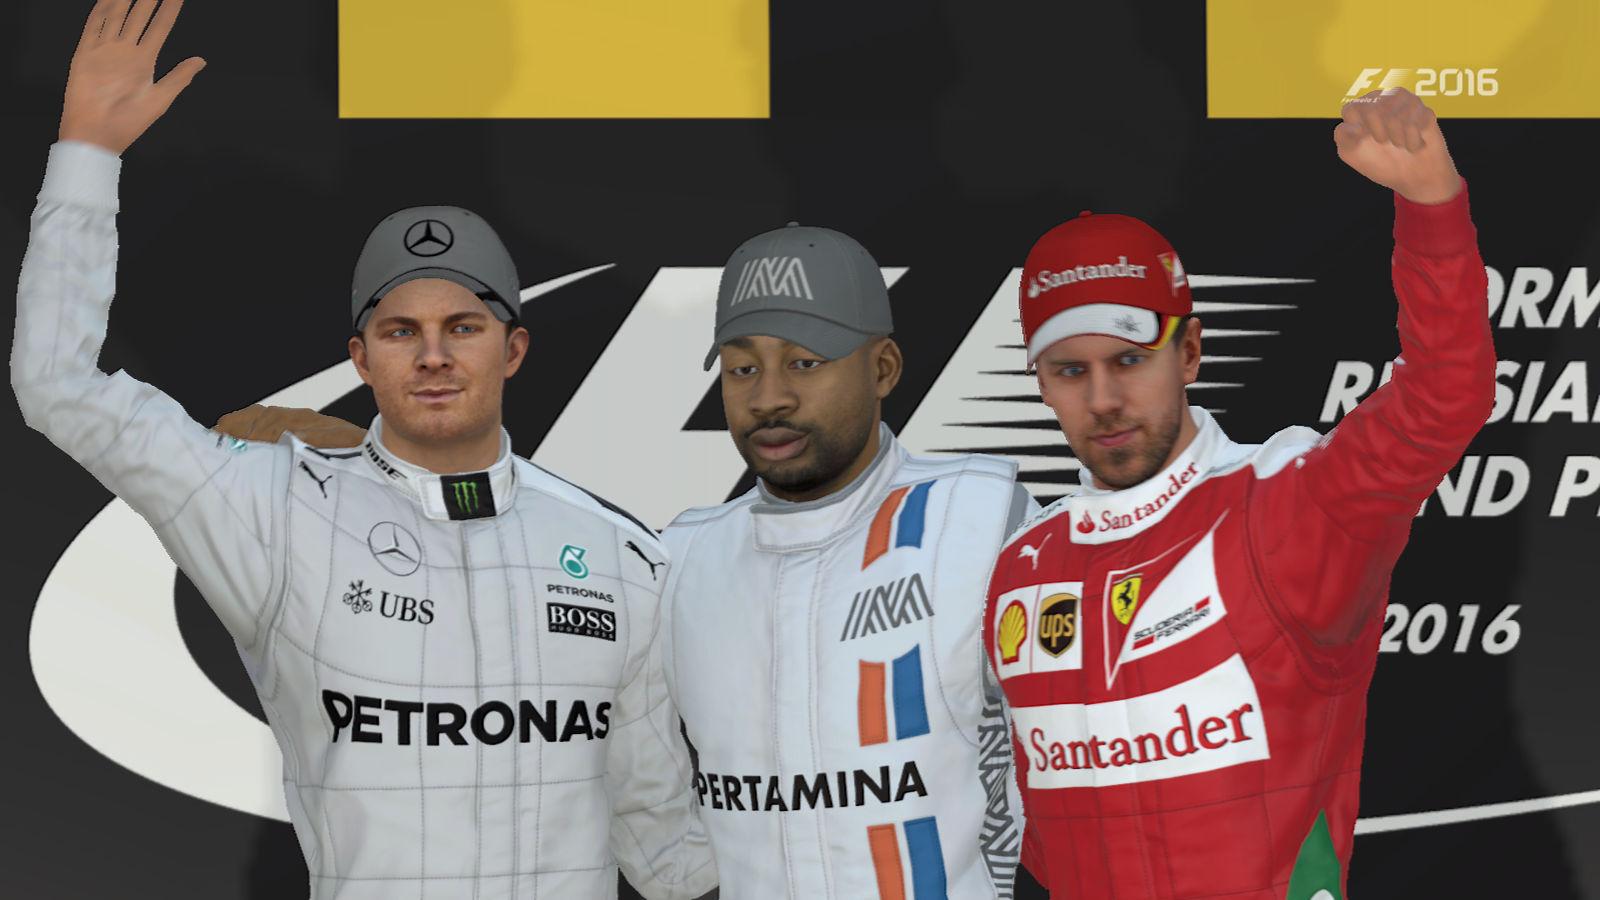 F1 2016 podium